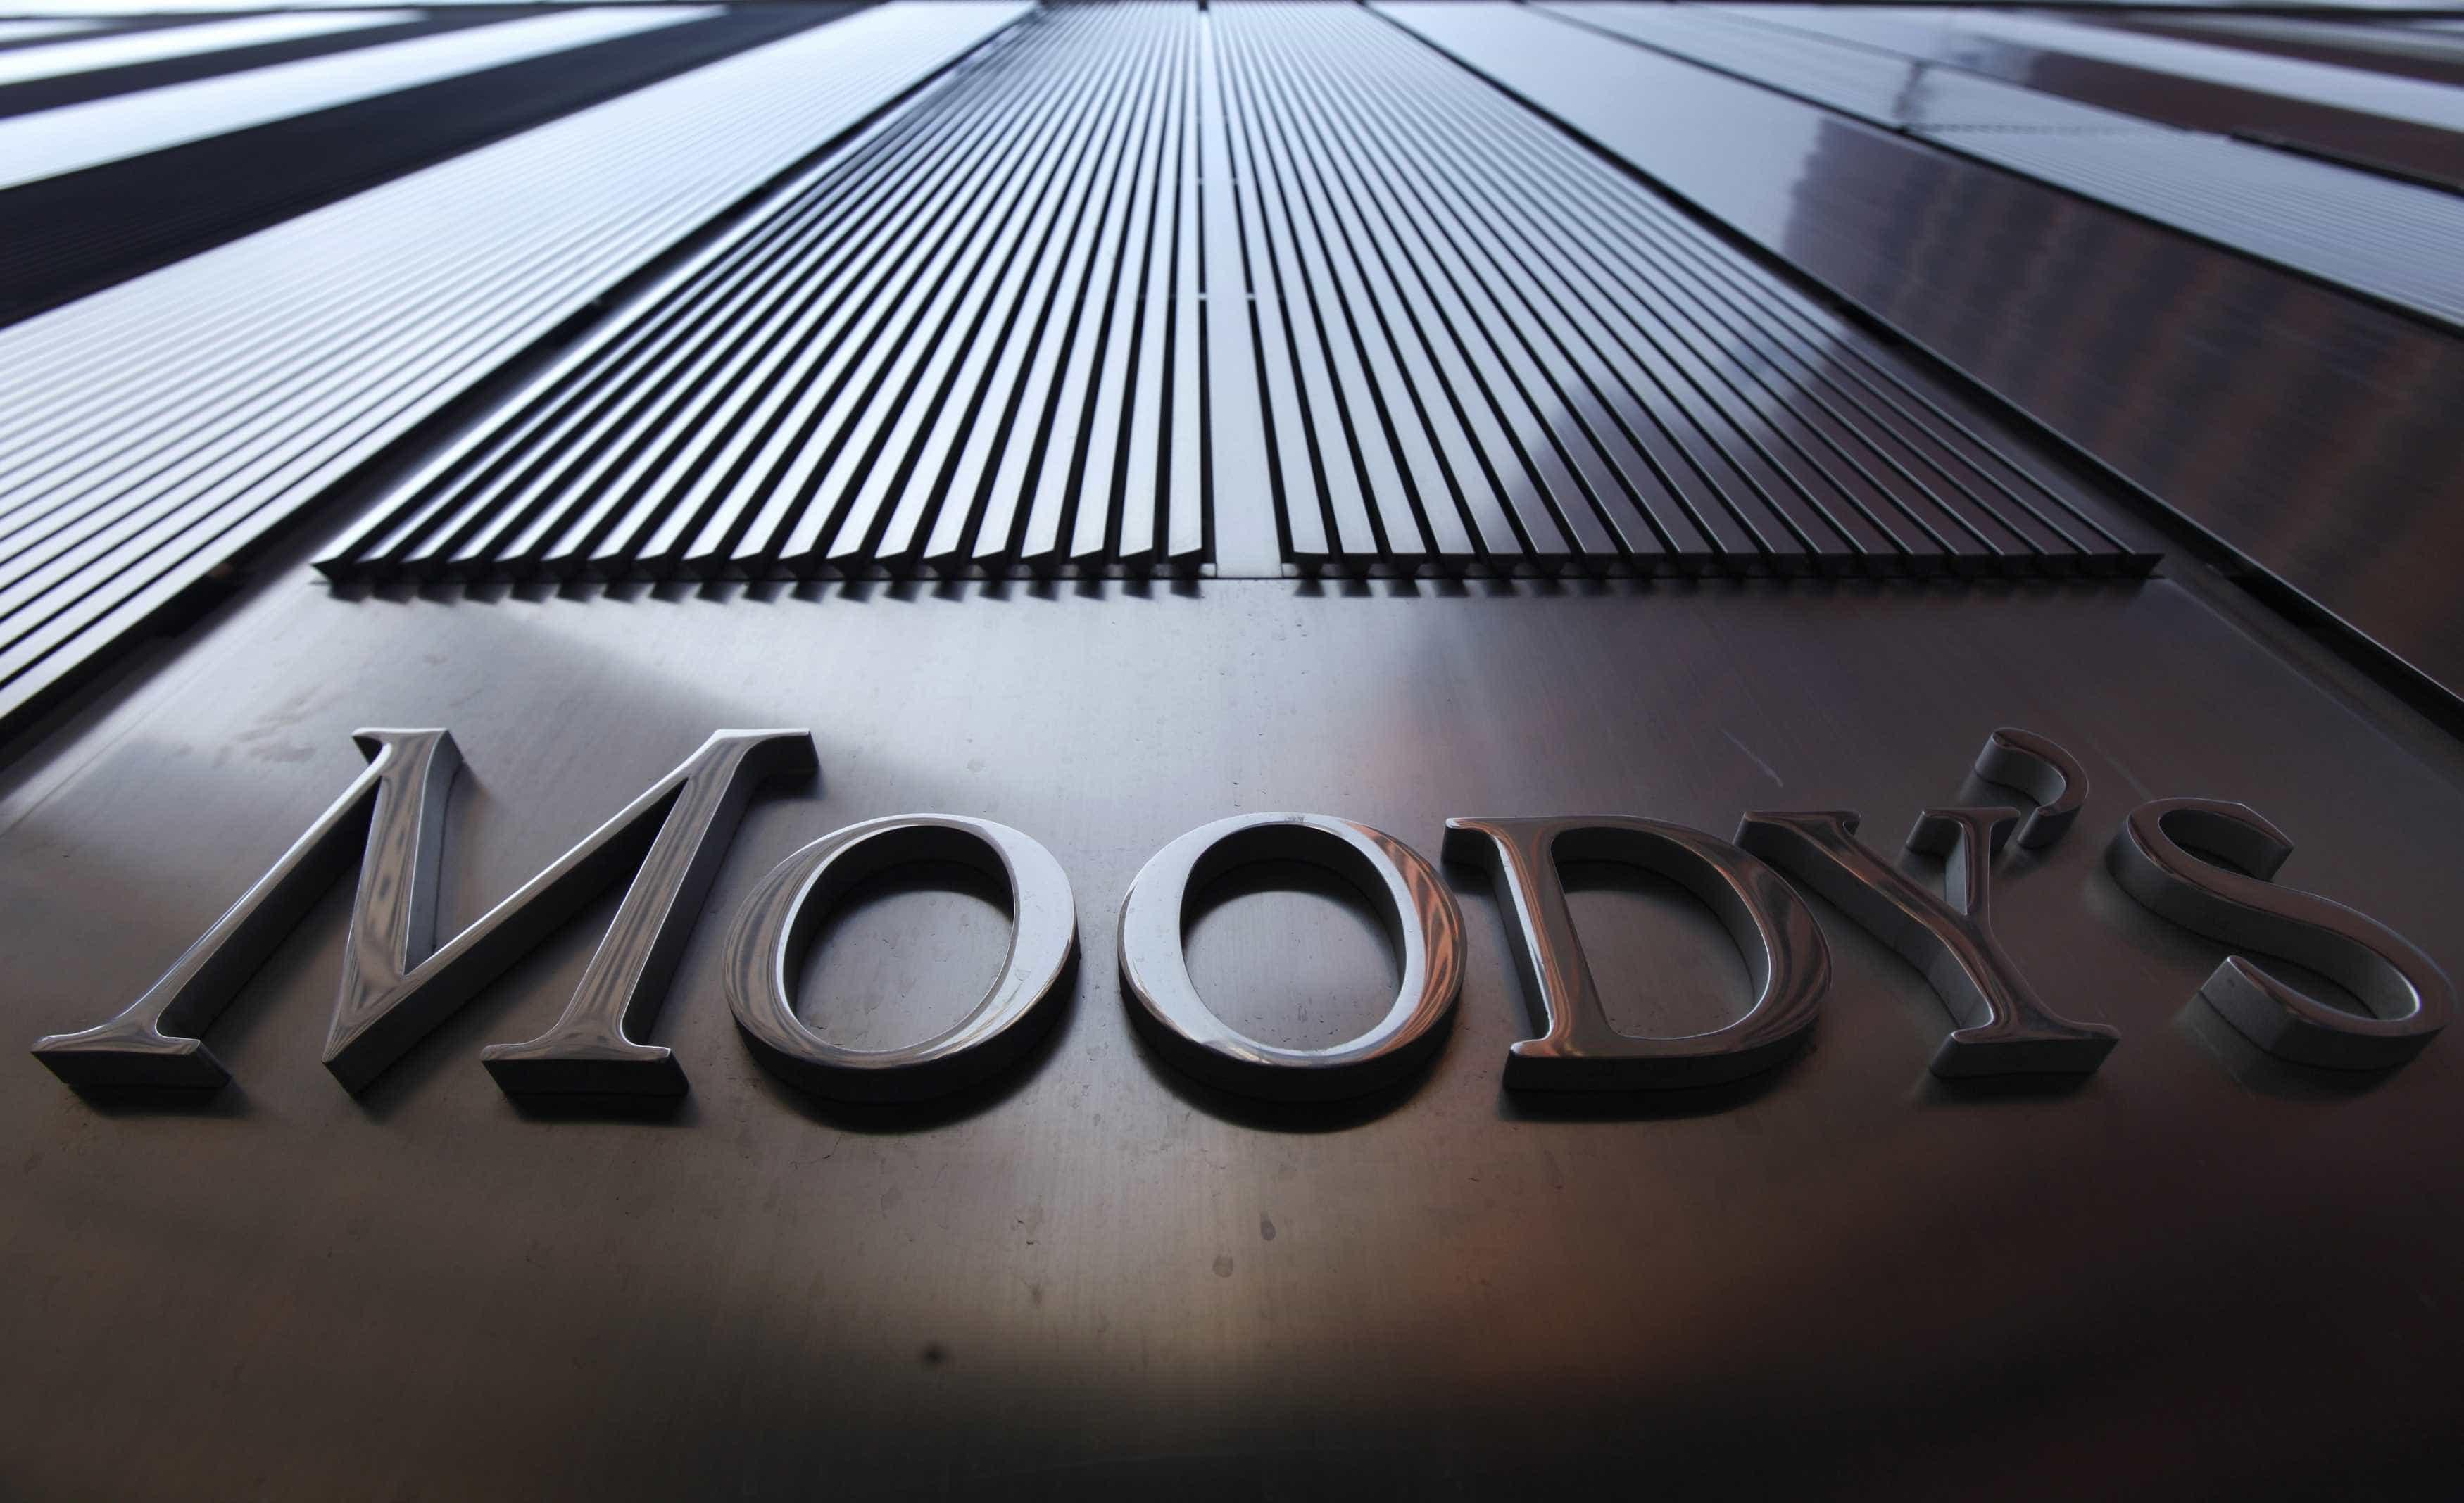 Moody's estima défice de 0,6% para 2019, acima do previsto pelo Governo